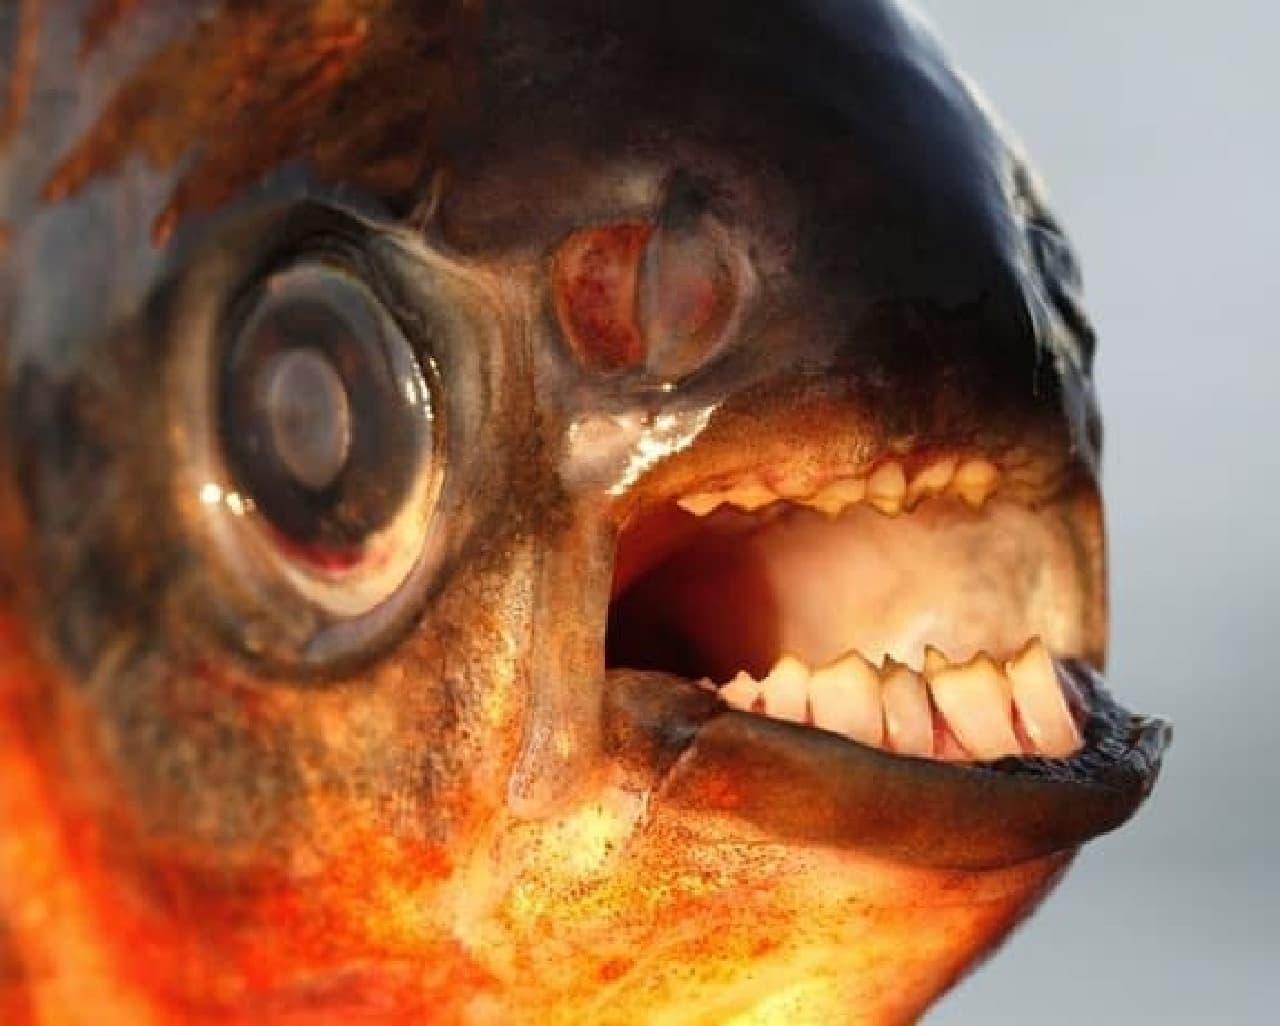 人間に似た歯を持つパクーの口  睾丸に噛みつくのにちょうど良いサイズ?  (出典:デンマーク国立歴史博物館)